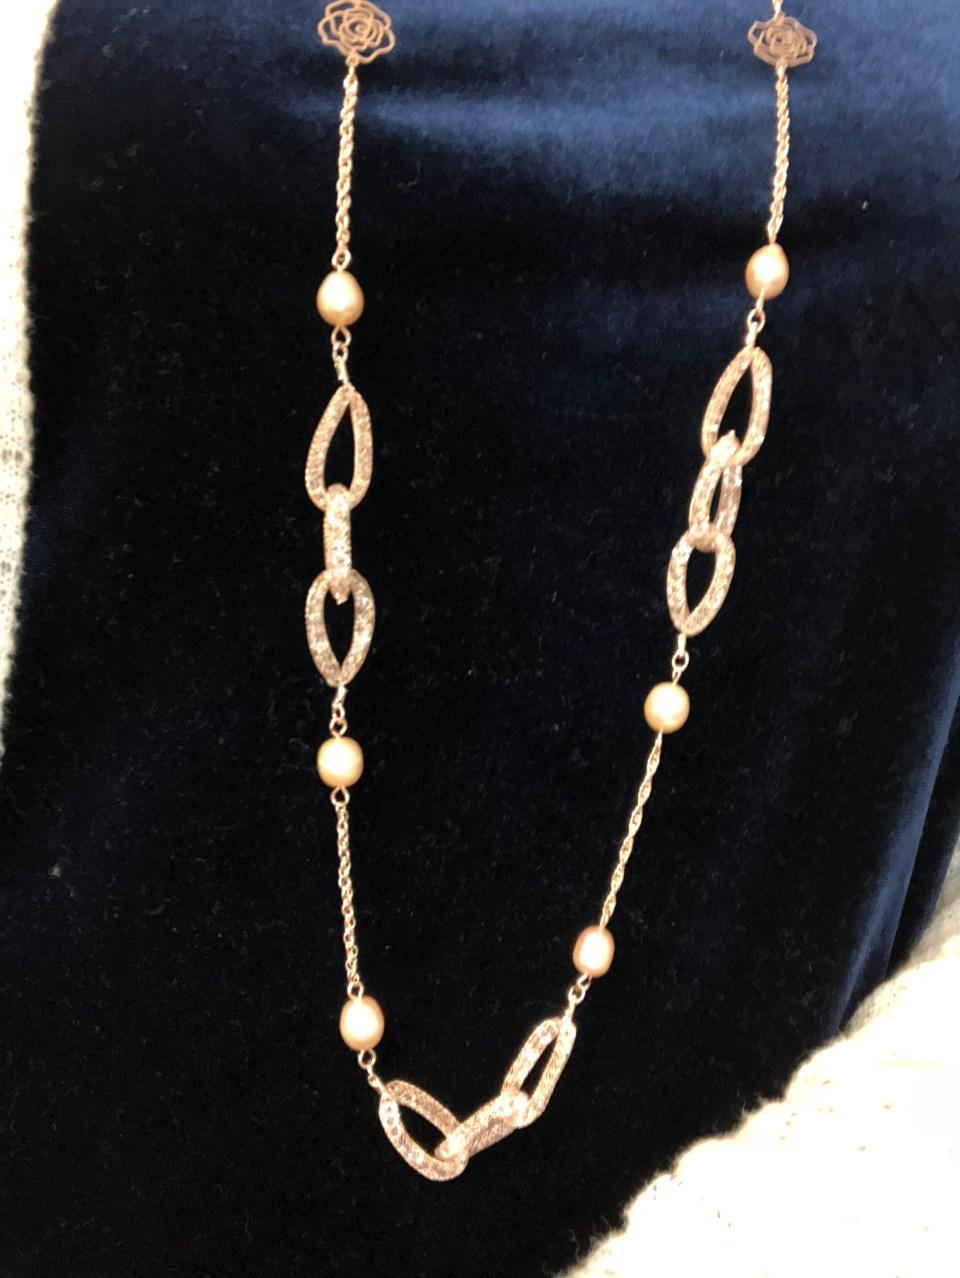 Embellished Necklace + Blue Velvet Top 4